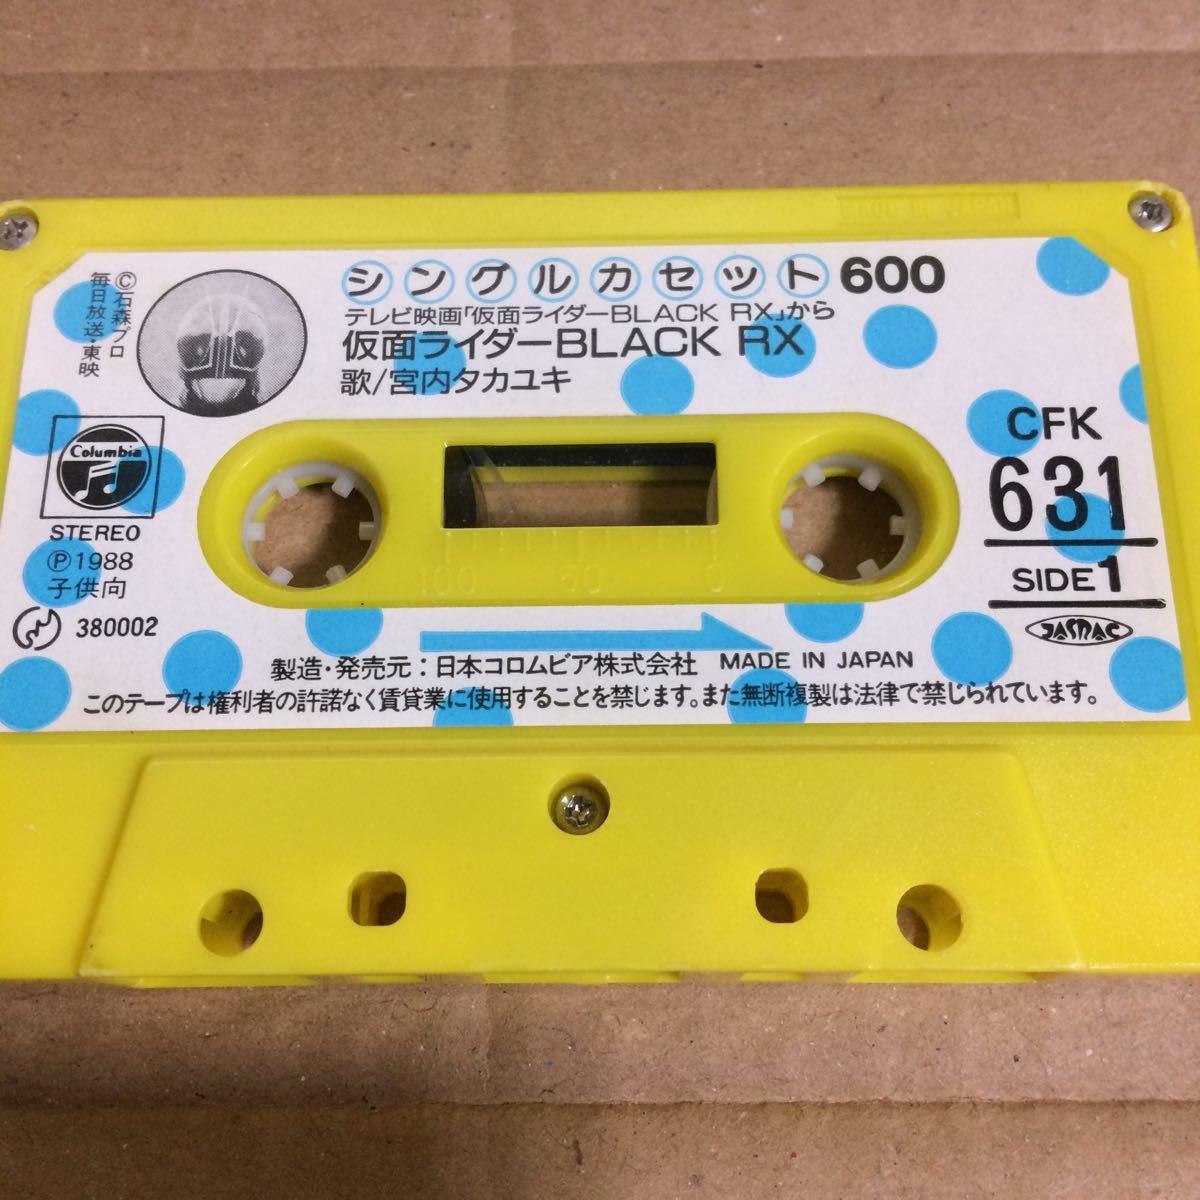 C0076)シングルカセット600 仮面ライダーBLACK RX_画像1